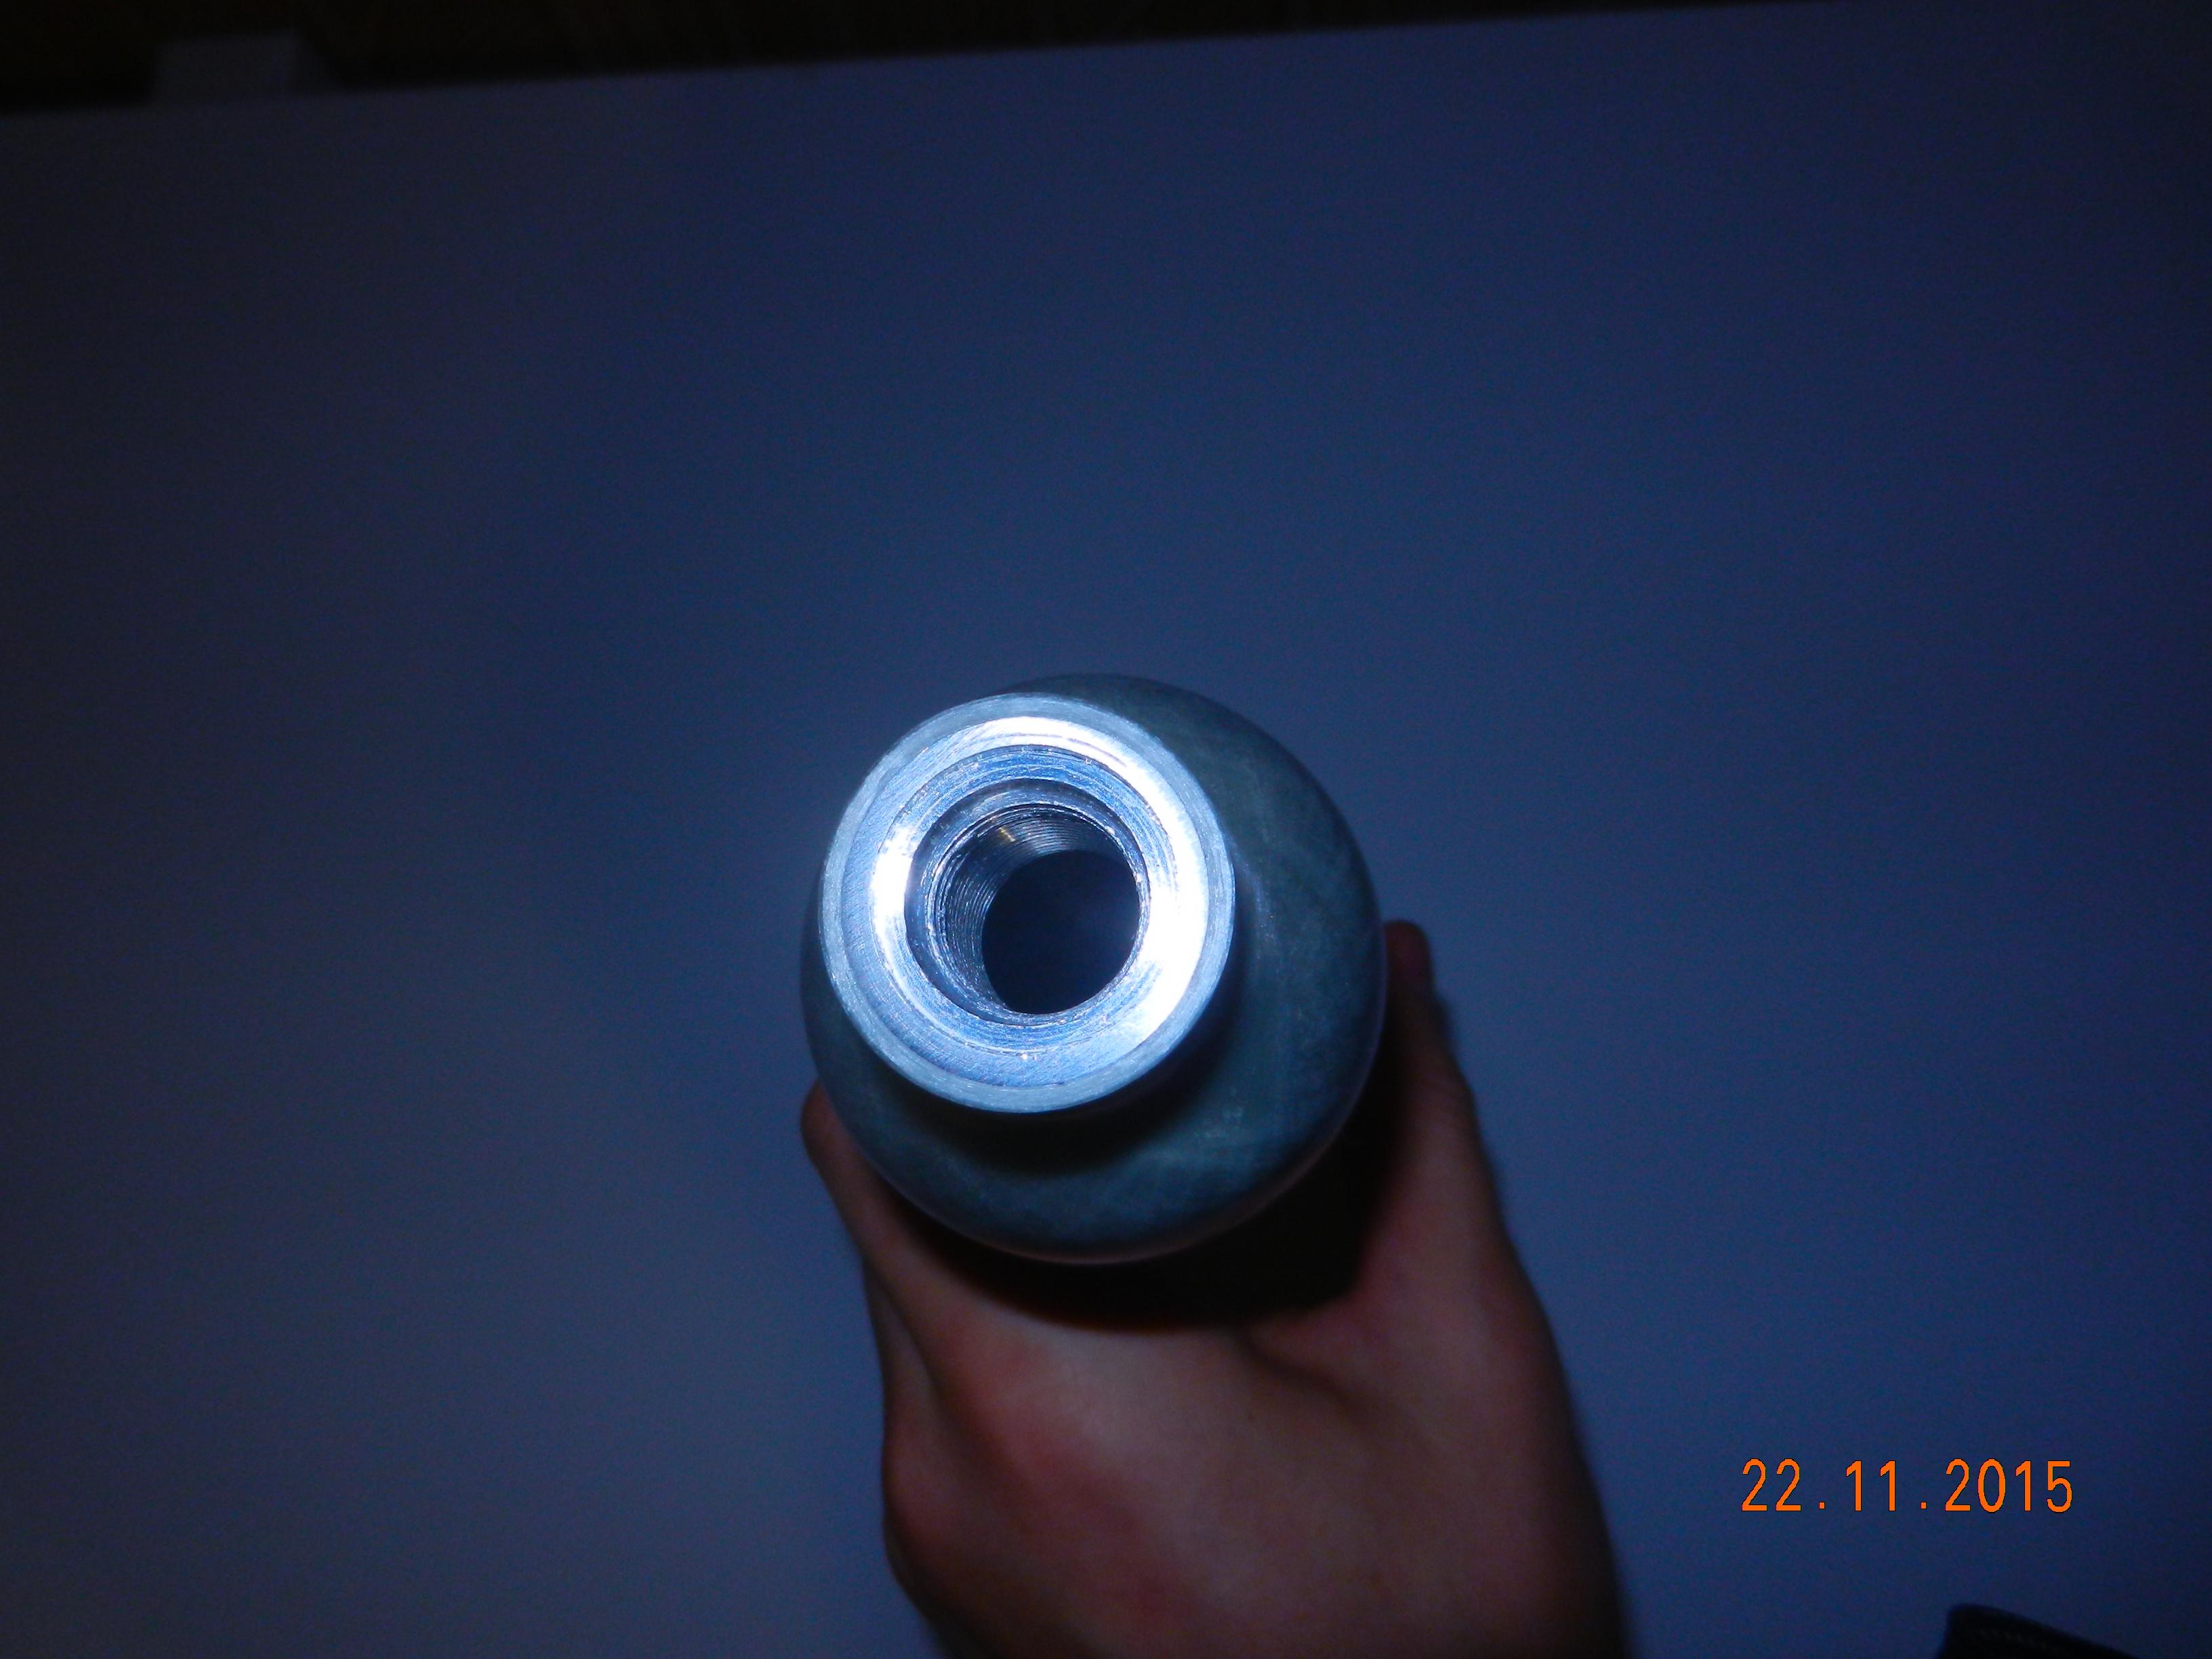 DSCN2994.JPG